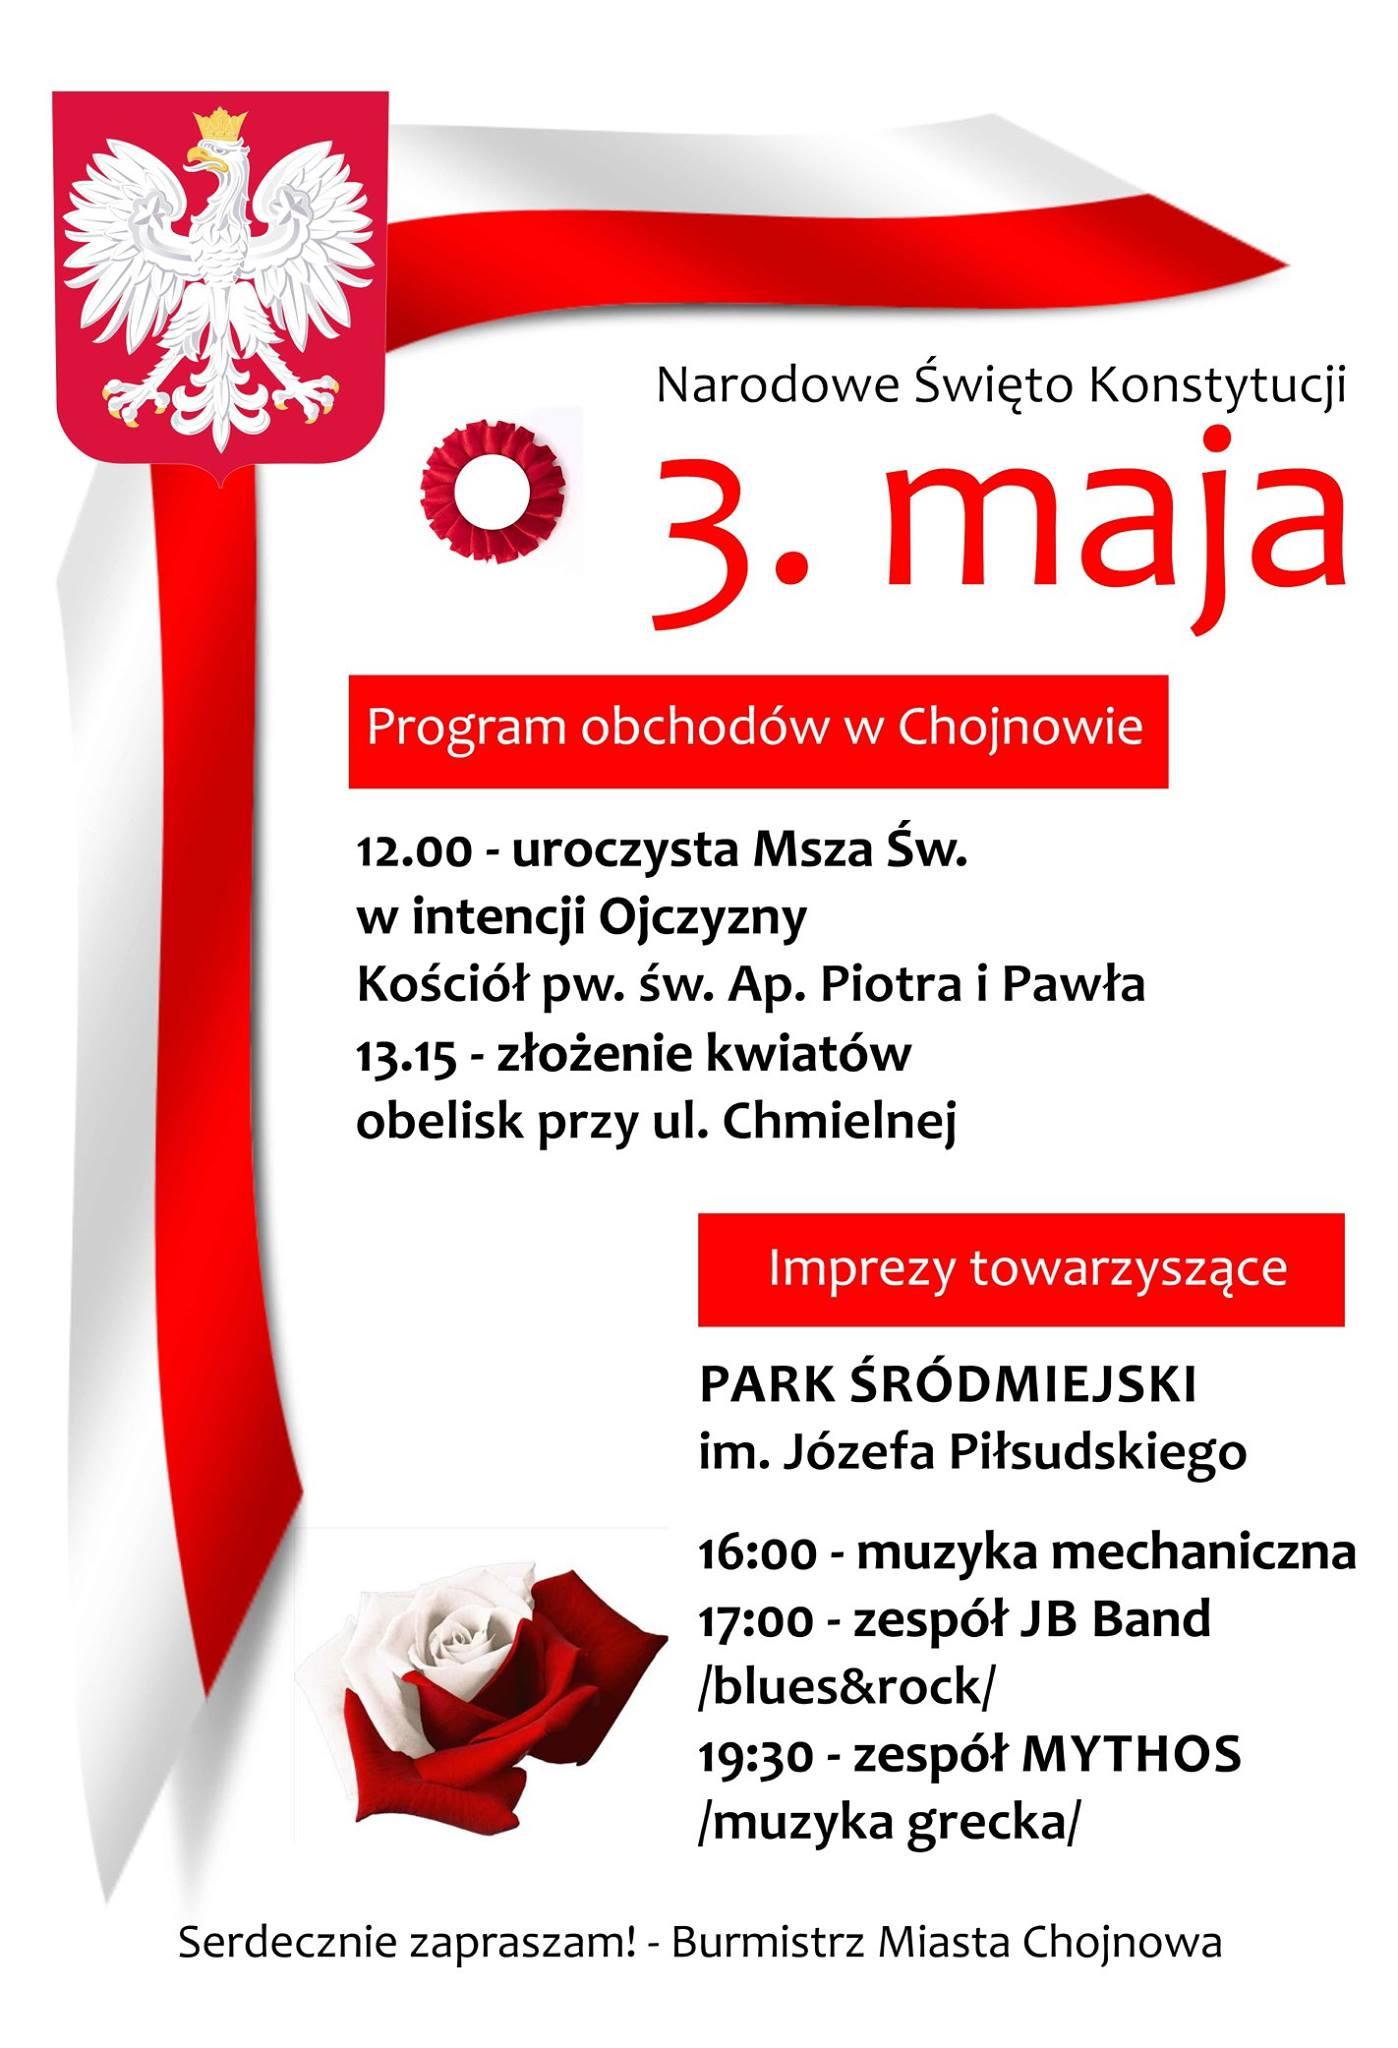 Zapraszamy na obchody Narodowego Święta Konstytucji 3 maja w Chojnowie…